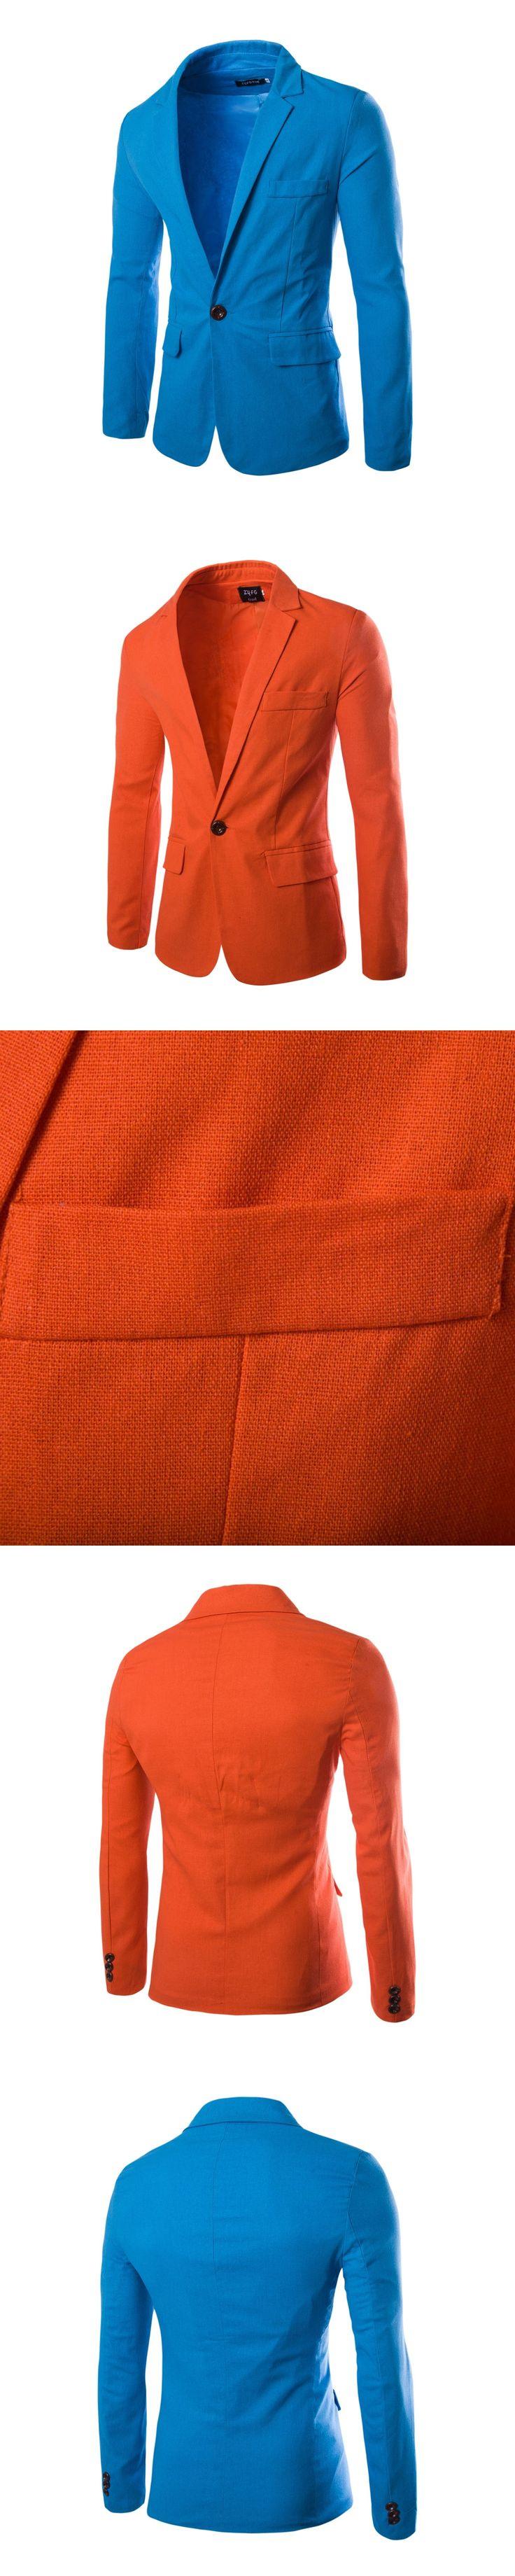 2017 Men Casual Blazers Cotton Coats Slim fit Royal Blue Brand Male Dress Suits cheap Jackets Blazers Plus Size costume homme